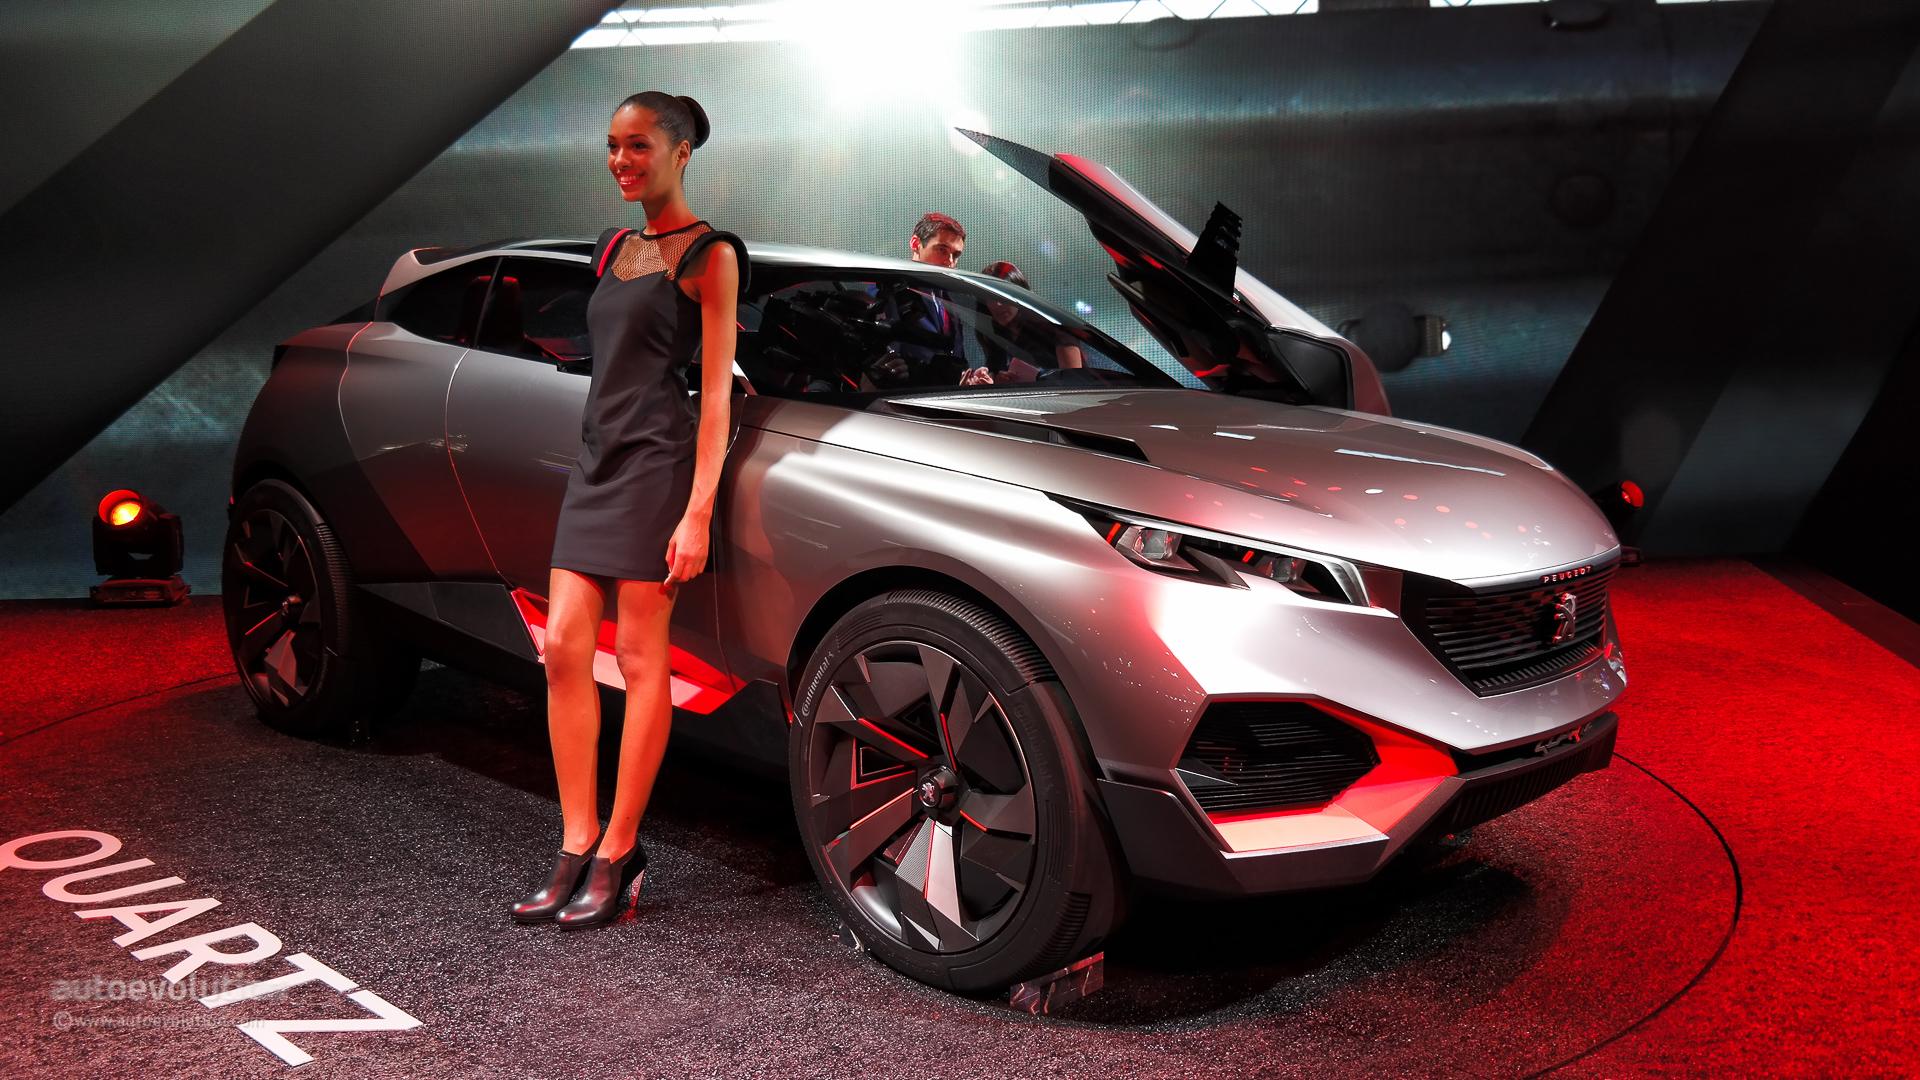 500 hp peugeot quartz concept previews future french suv at paris 2014 live photos autoevolution. Black Bedroom Furniture Sets. Home Design Ideas